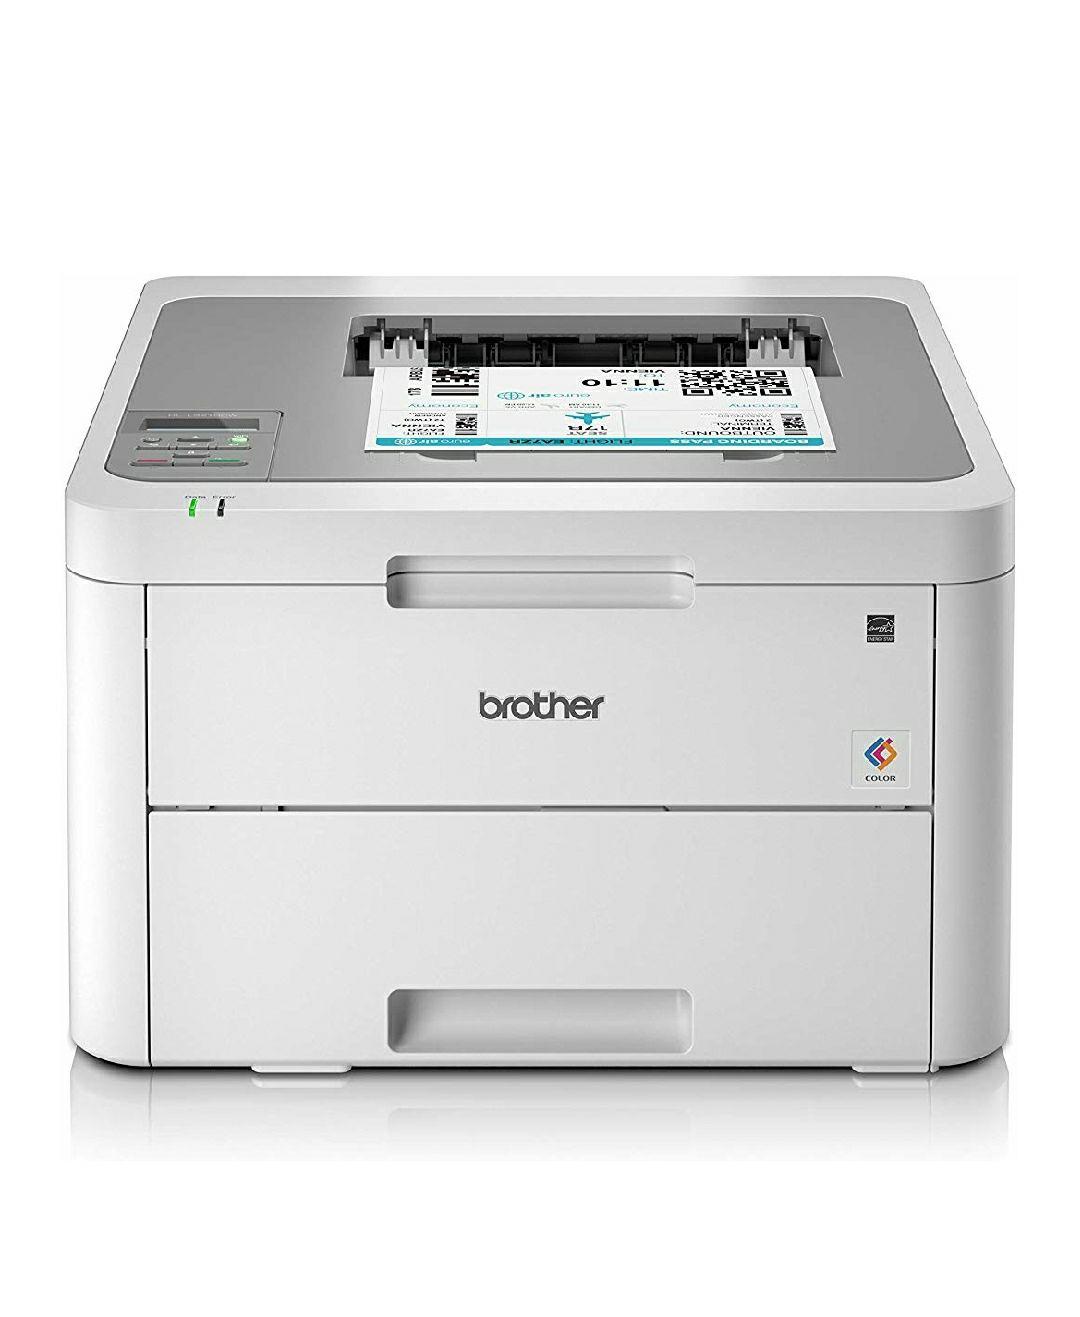 Brother HL-L3210CW - Impresora láser color